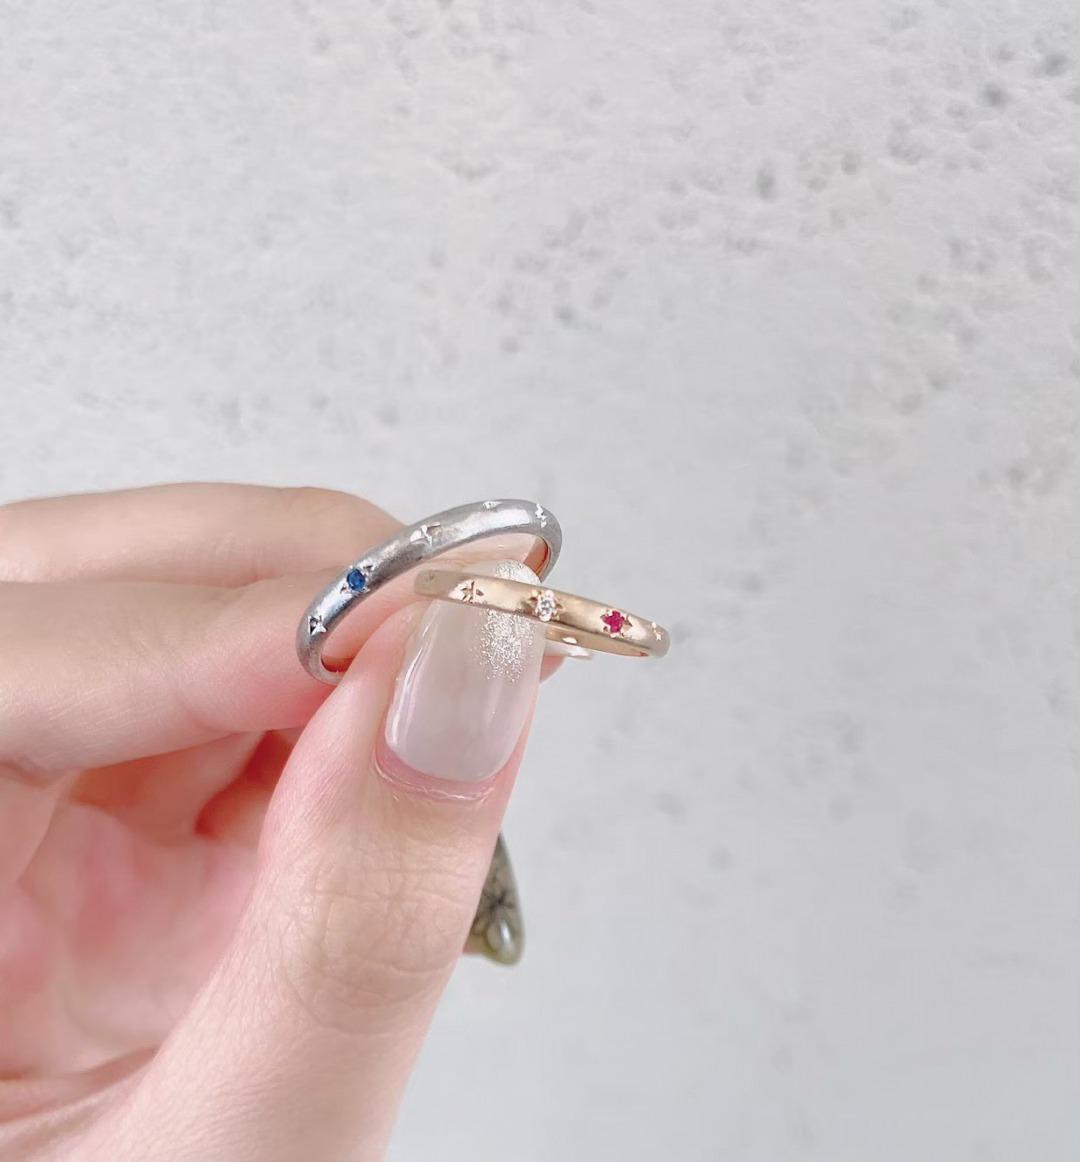 銀座で人気の可愛い結婚指輪